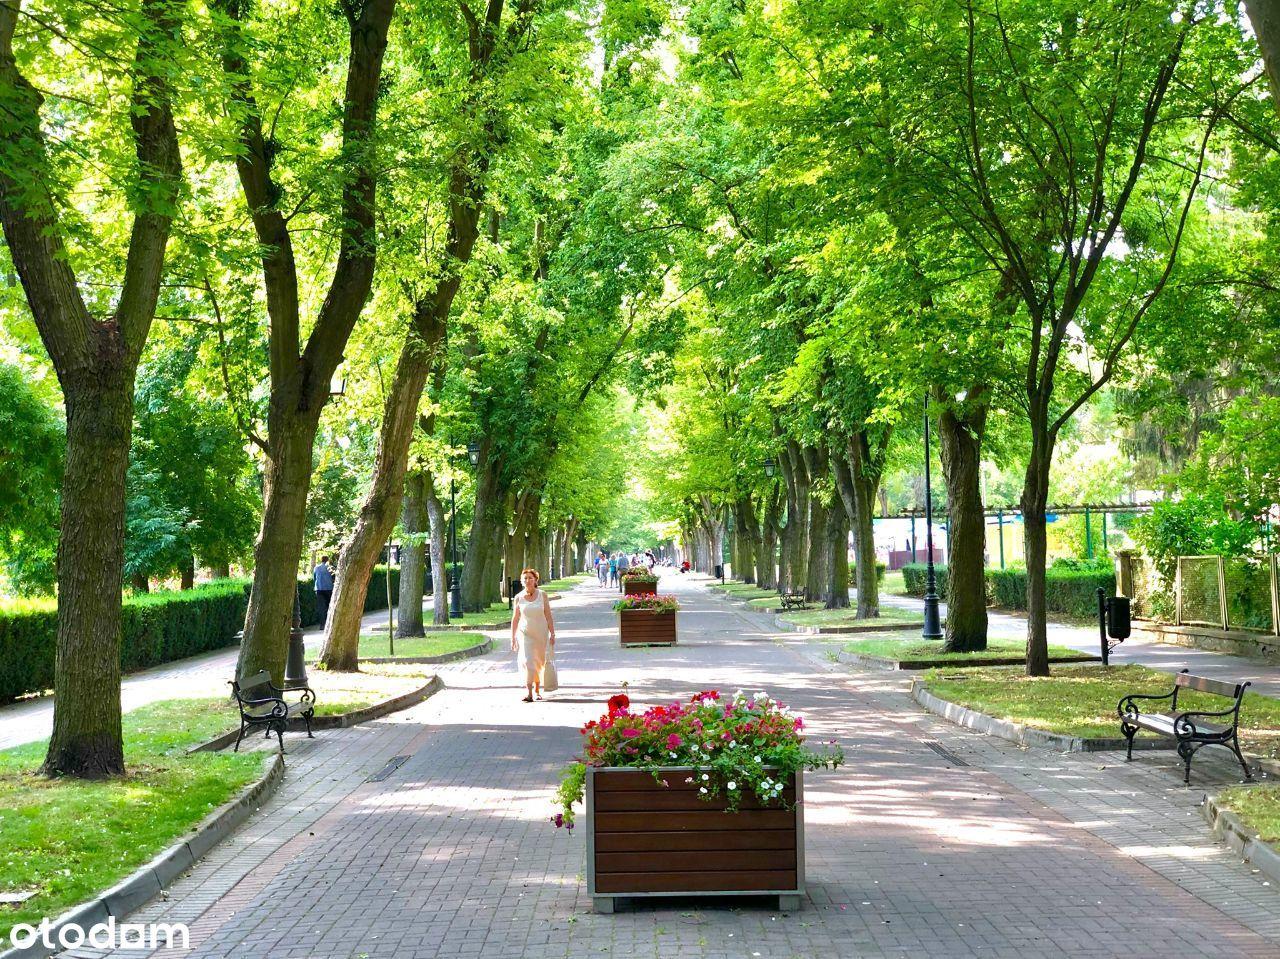 Okazja, dochodowy pensjonat w Ciechocinku sprzedam